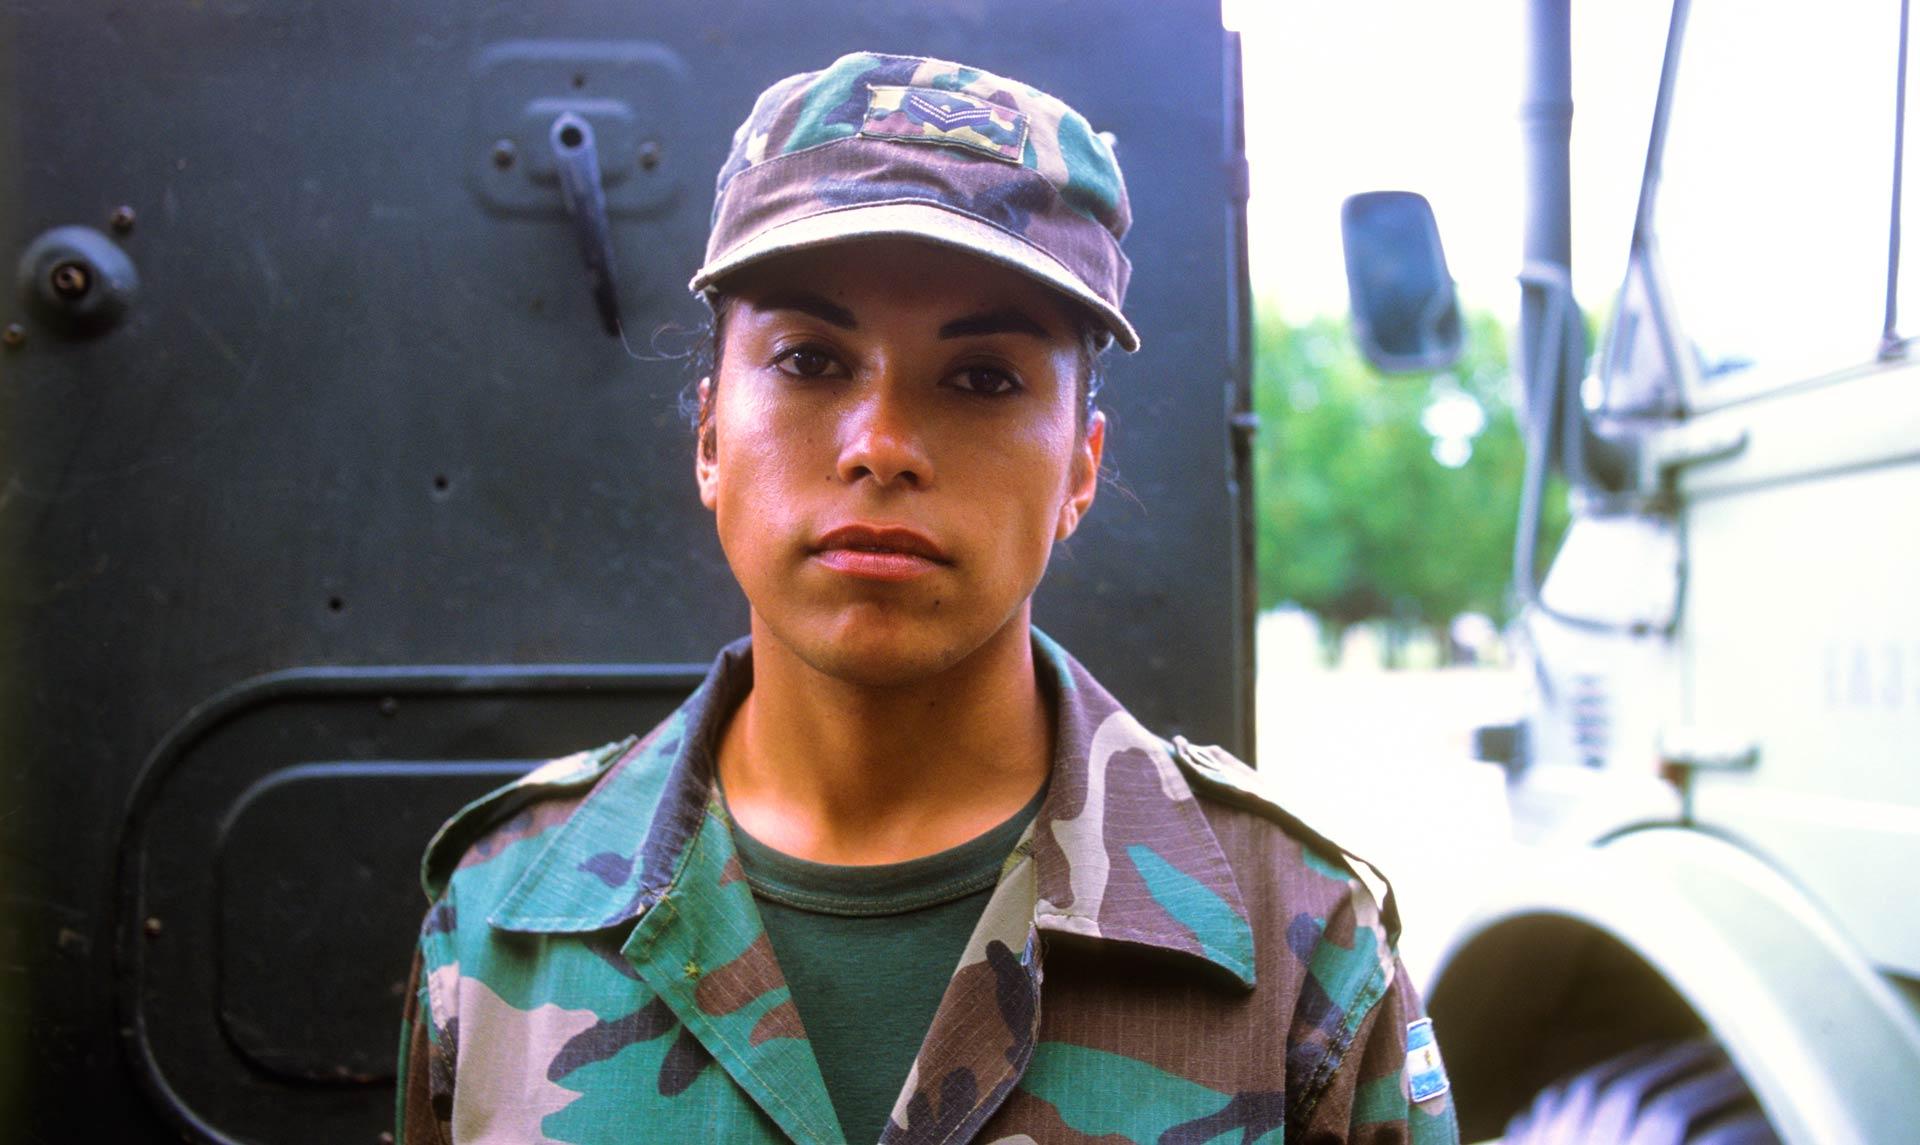 mujeres_fuerzas_armadas_4_caja